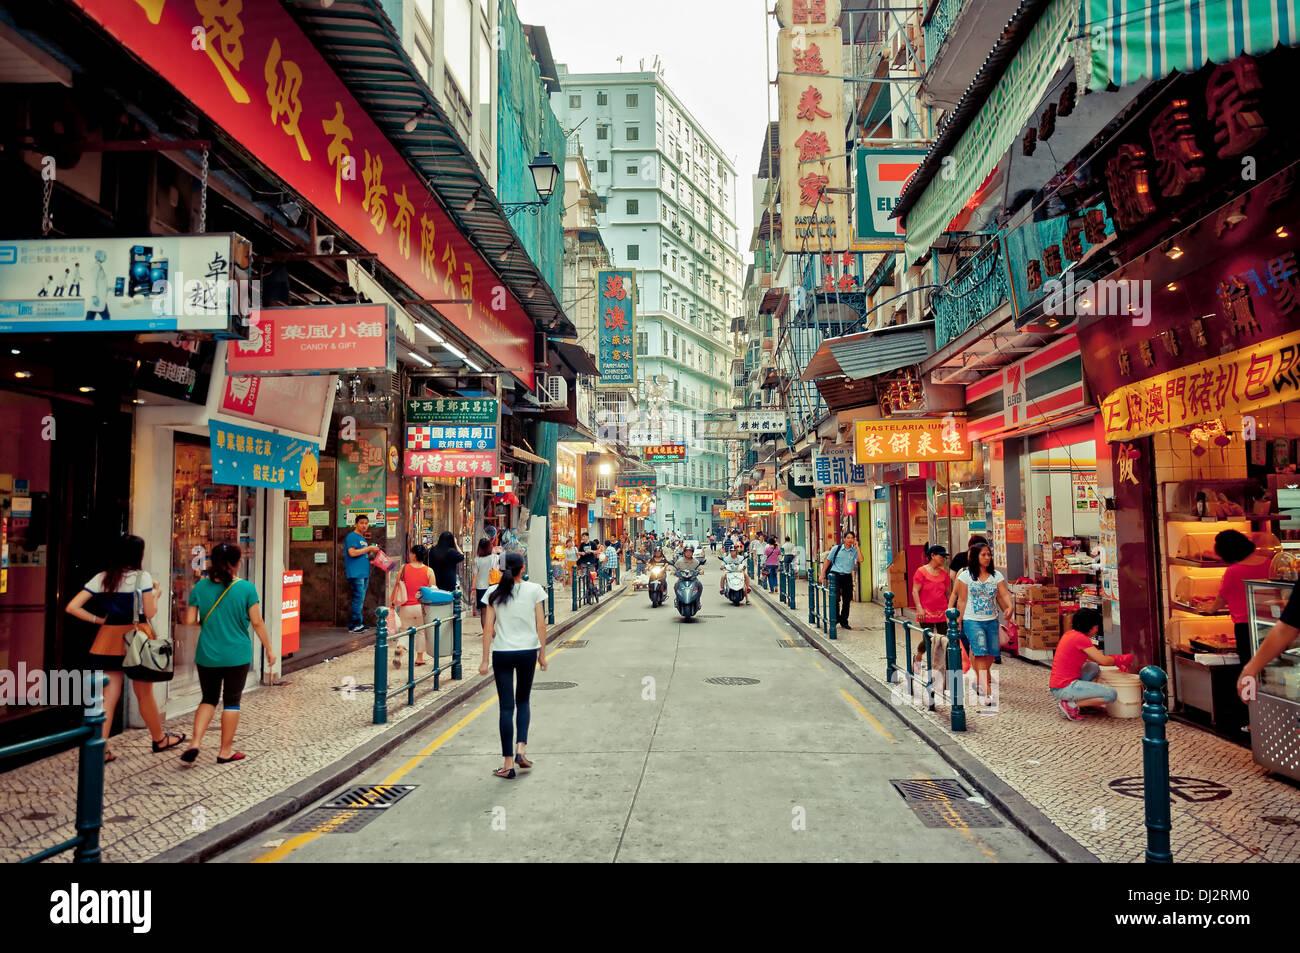 Vista de la calle en el centro de Macau, China Imagen De Stock